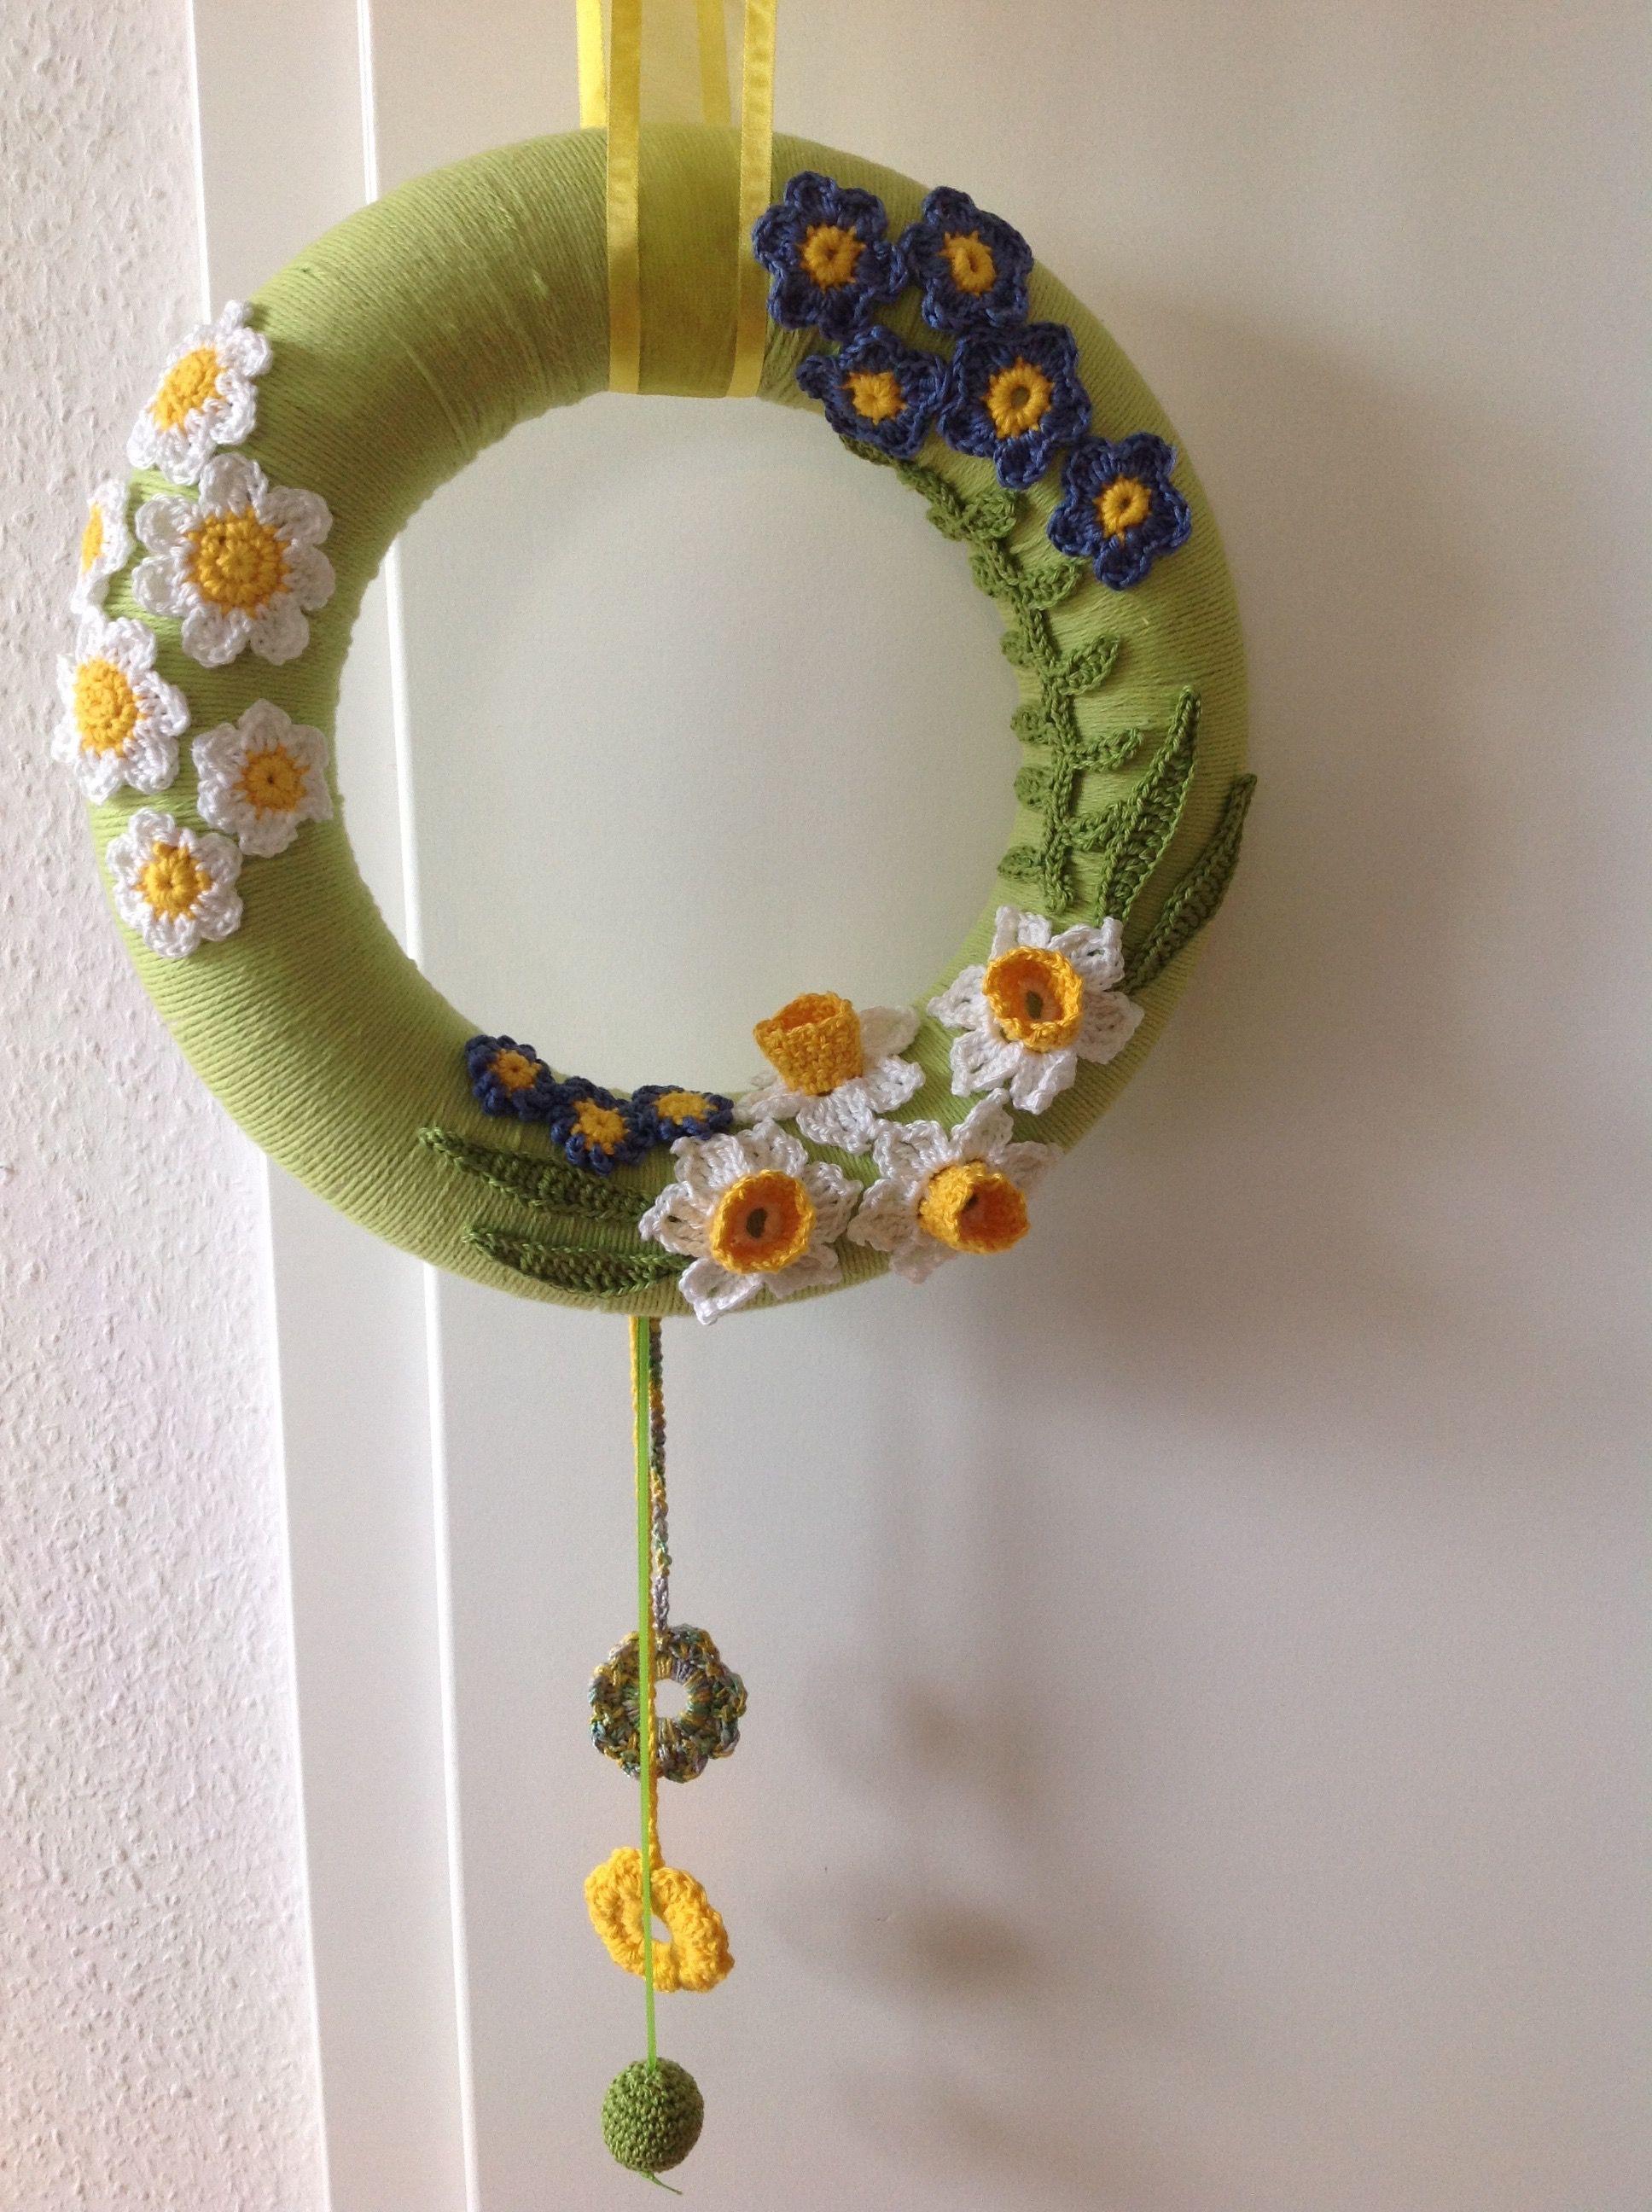 Photo of Spring crochet wreath with daffodils Türkranz gehäkelt mit Narzissen Frühjahr…